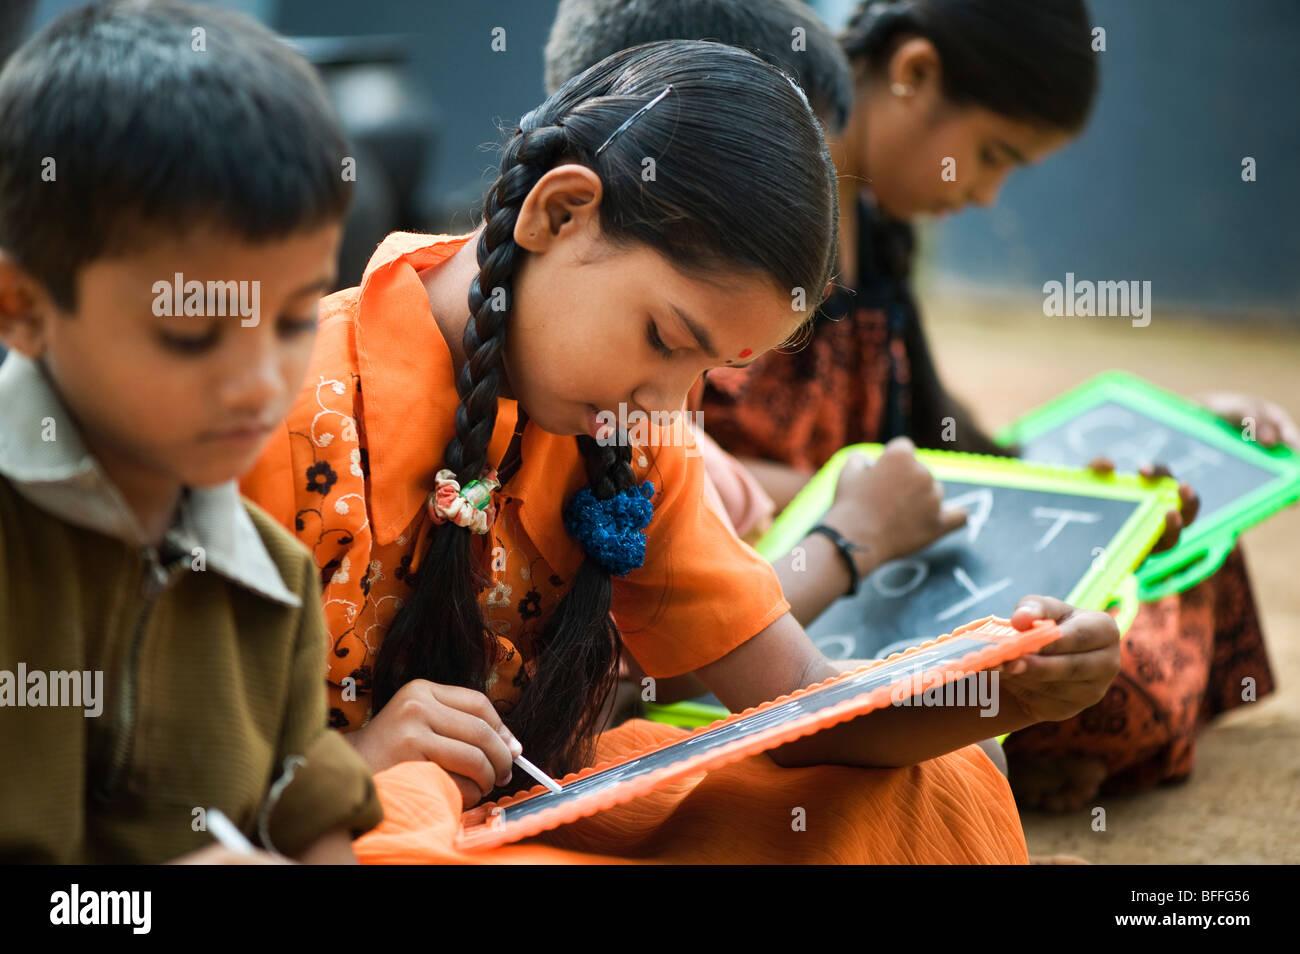 L'école indienne des enfants assis à l'extérieur de l'école écrit sur des tableaux Photo Stock